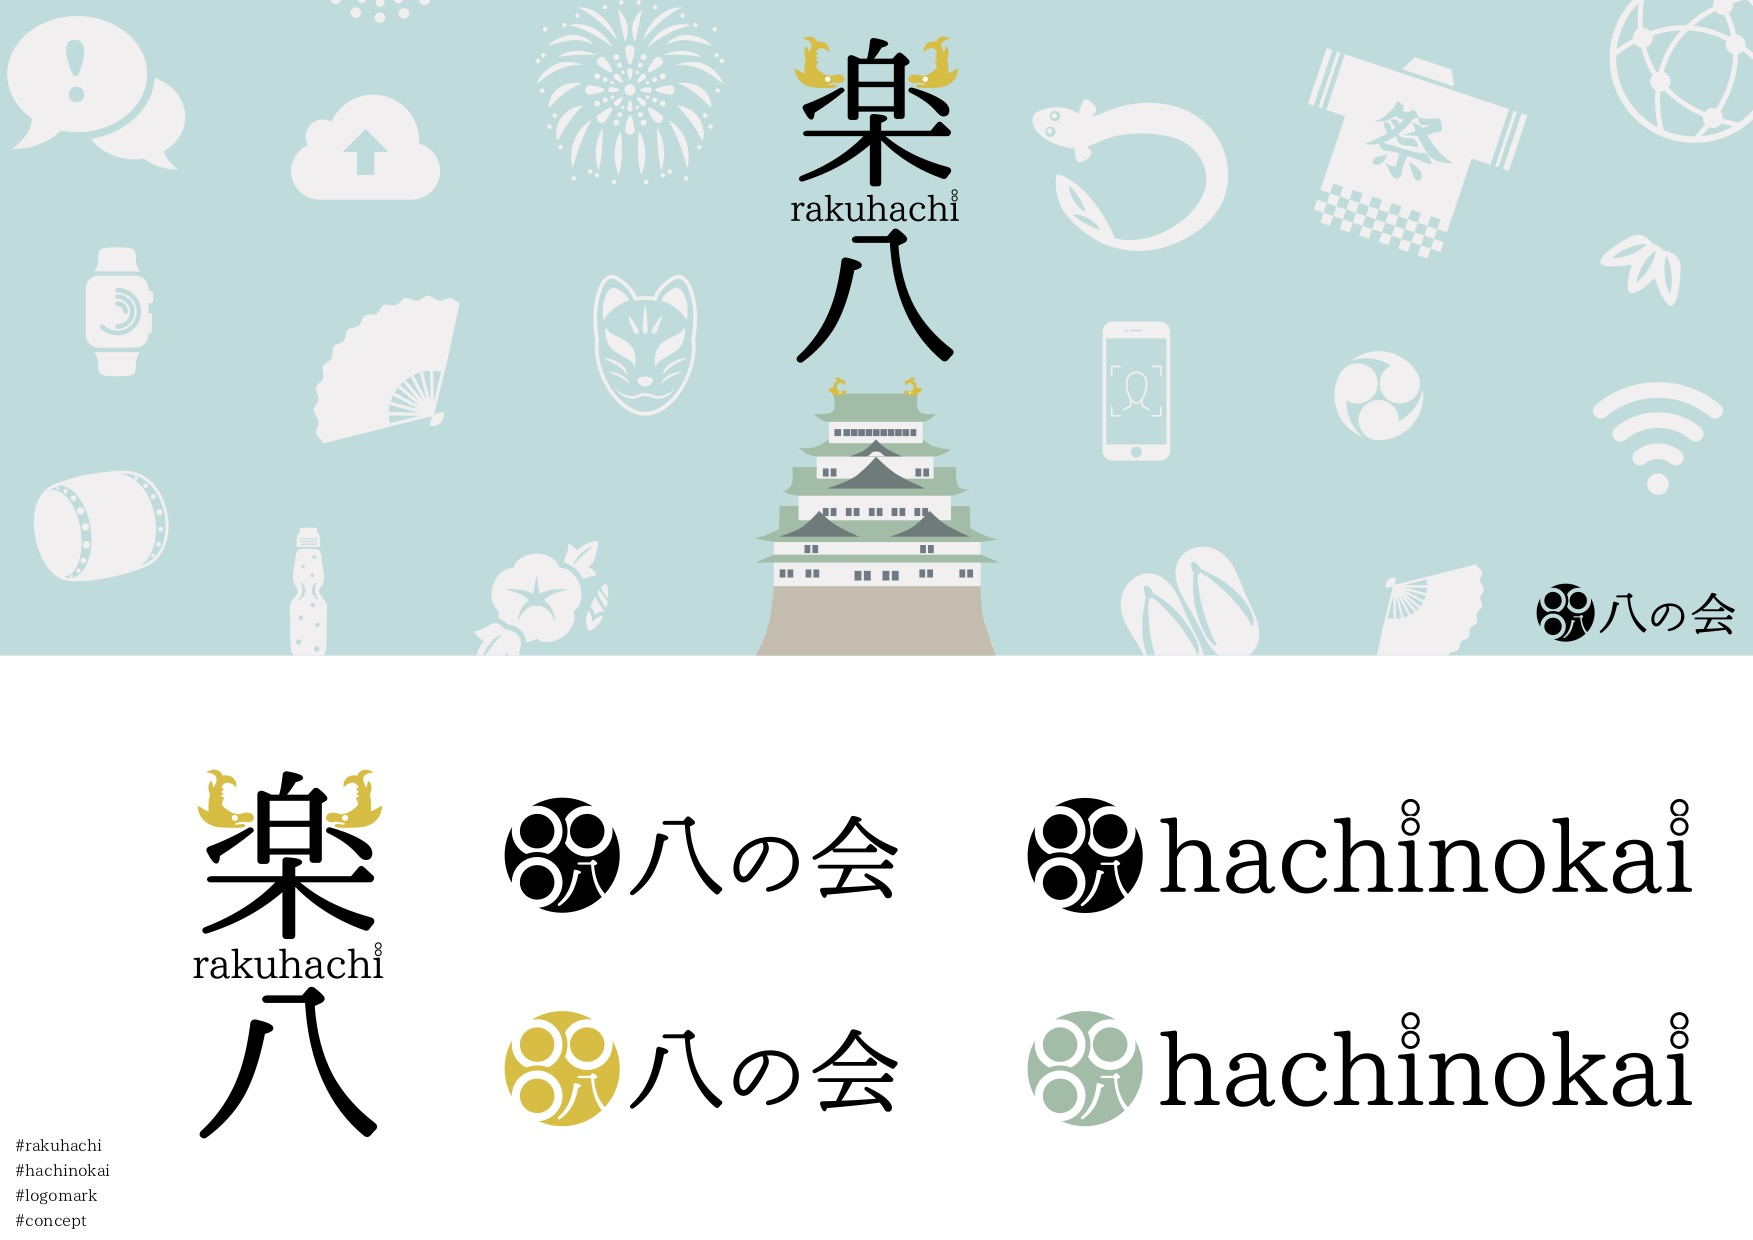 先日MOVEDがオフィシャルスポンサーとして務めた名古屋のイベント「楽八」のデザインも全面的に、吉藤のプロデュースになっております。